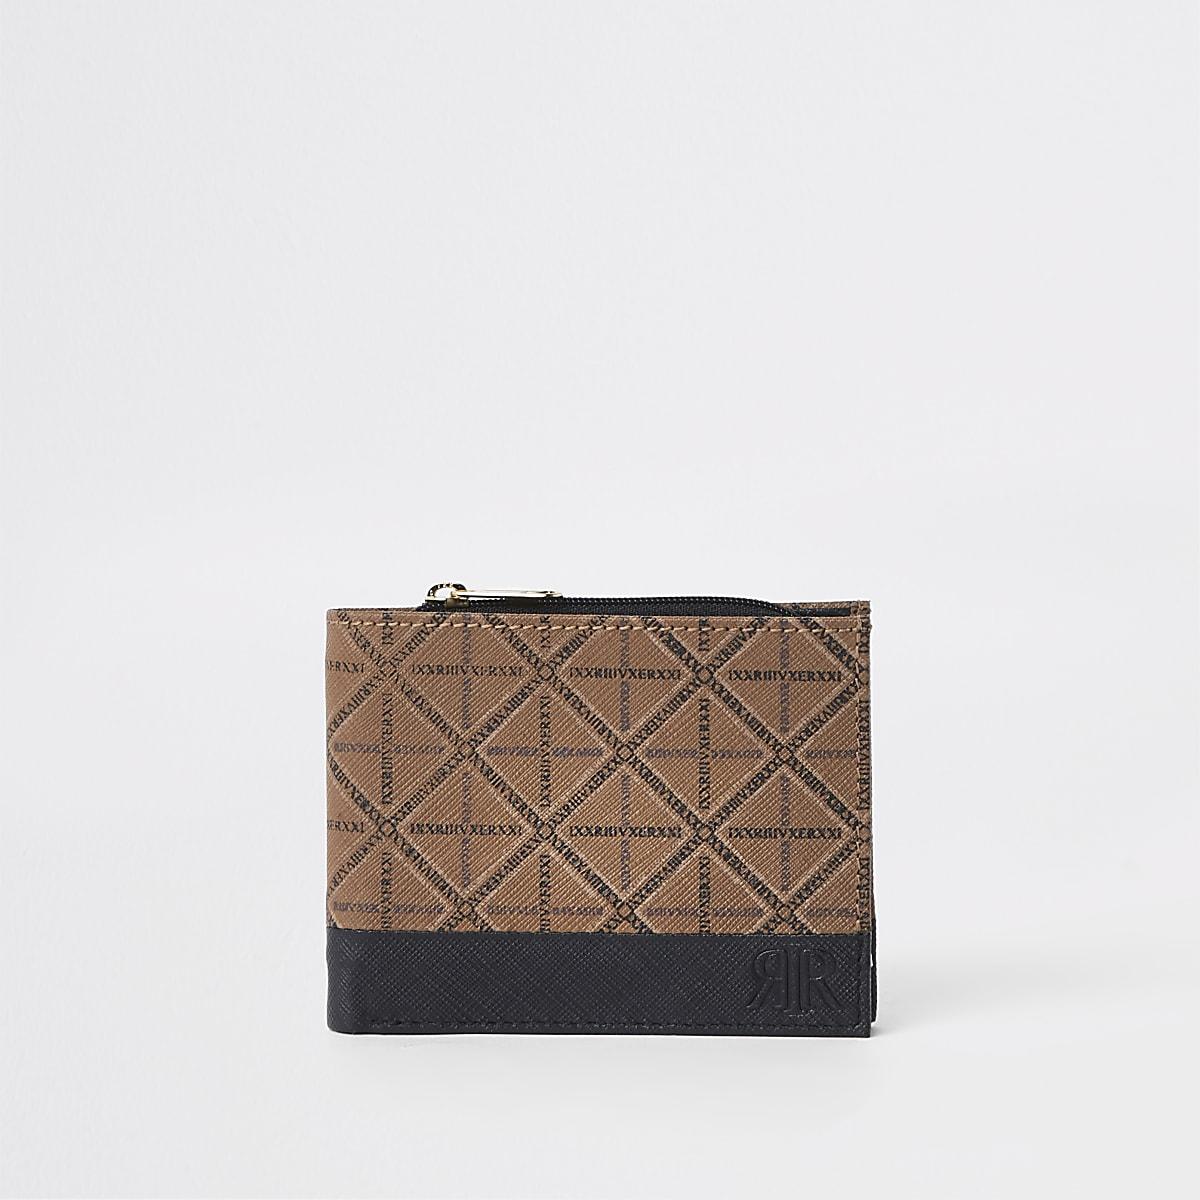 Tan leather printed zip wallet